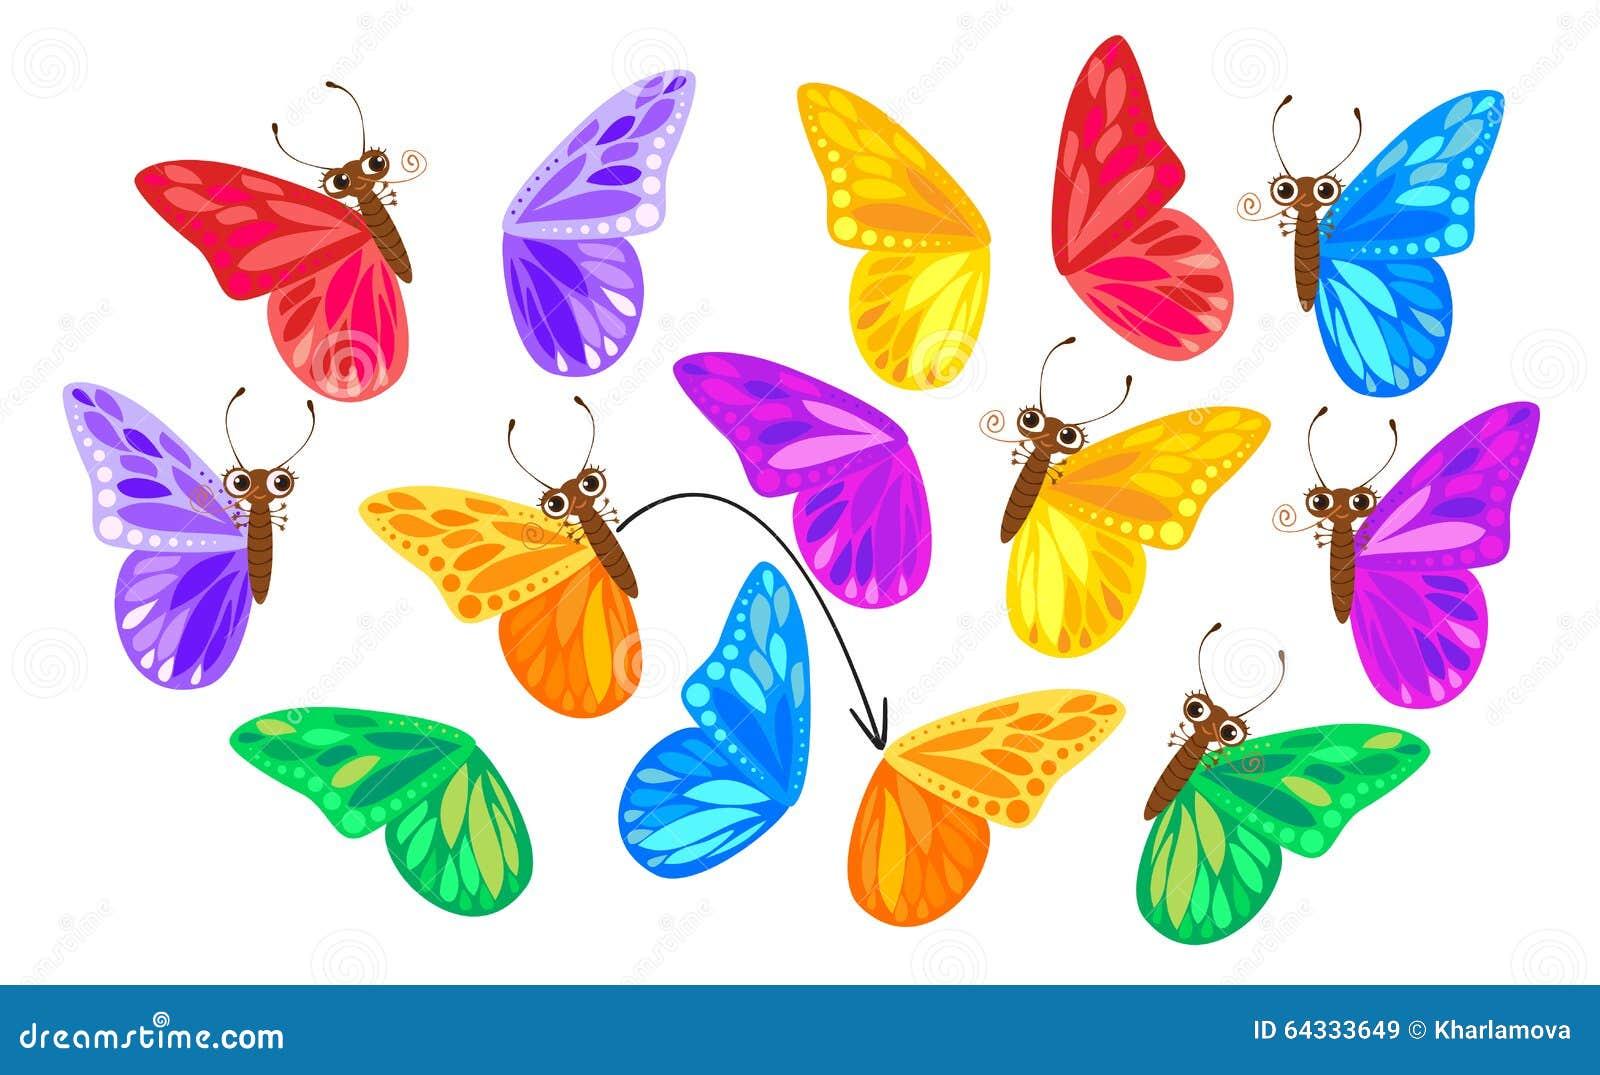 Finden Sie Einen Zweiten Flügel Für Einen Schmetterling Vektor ...